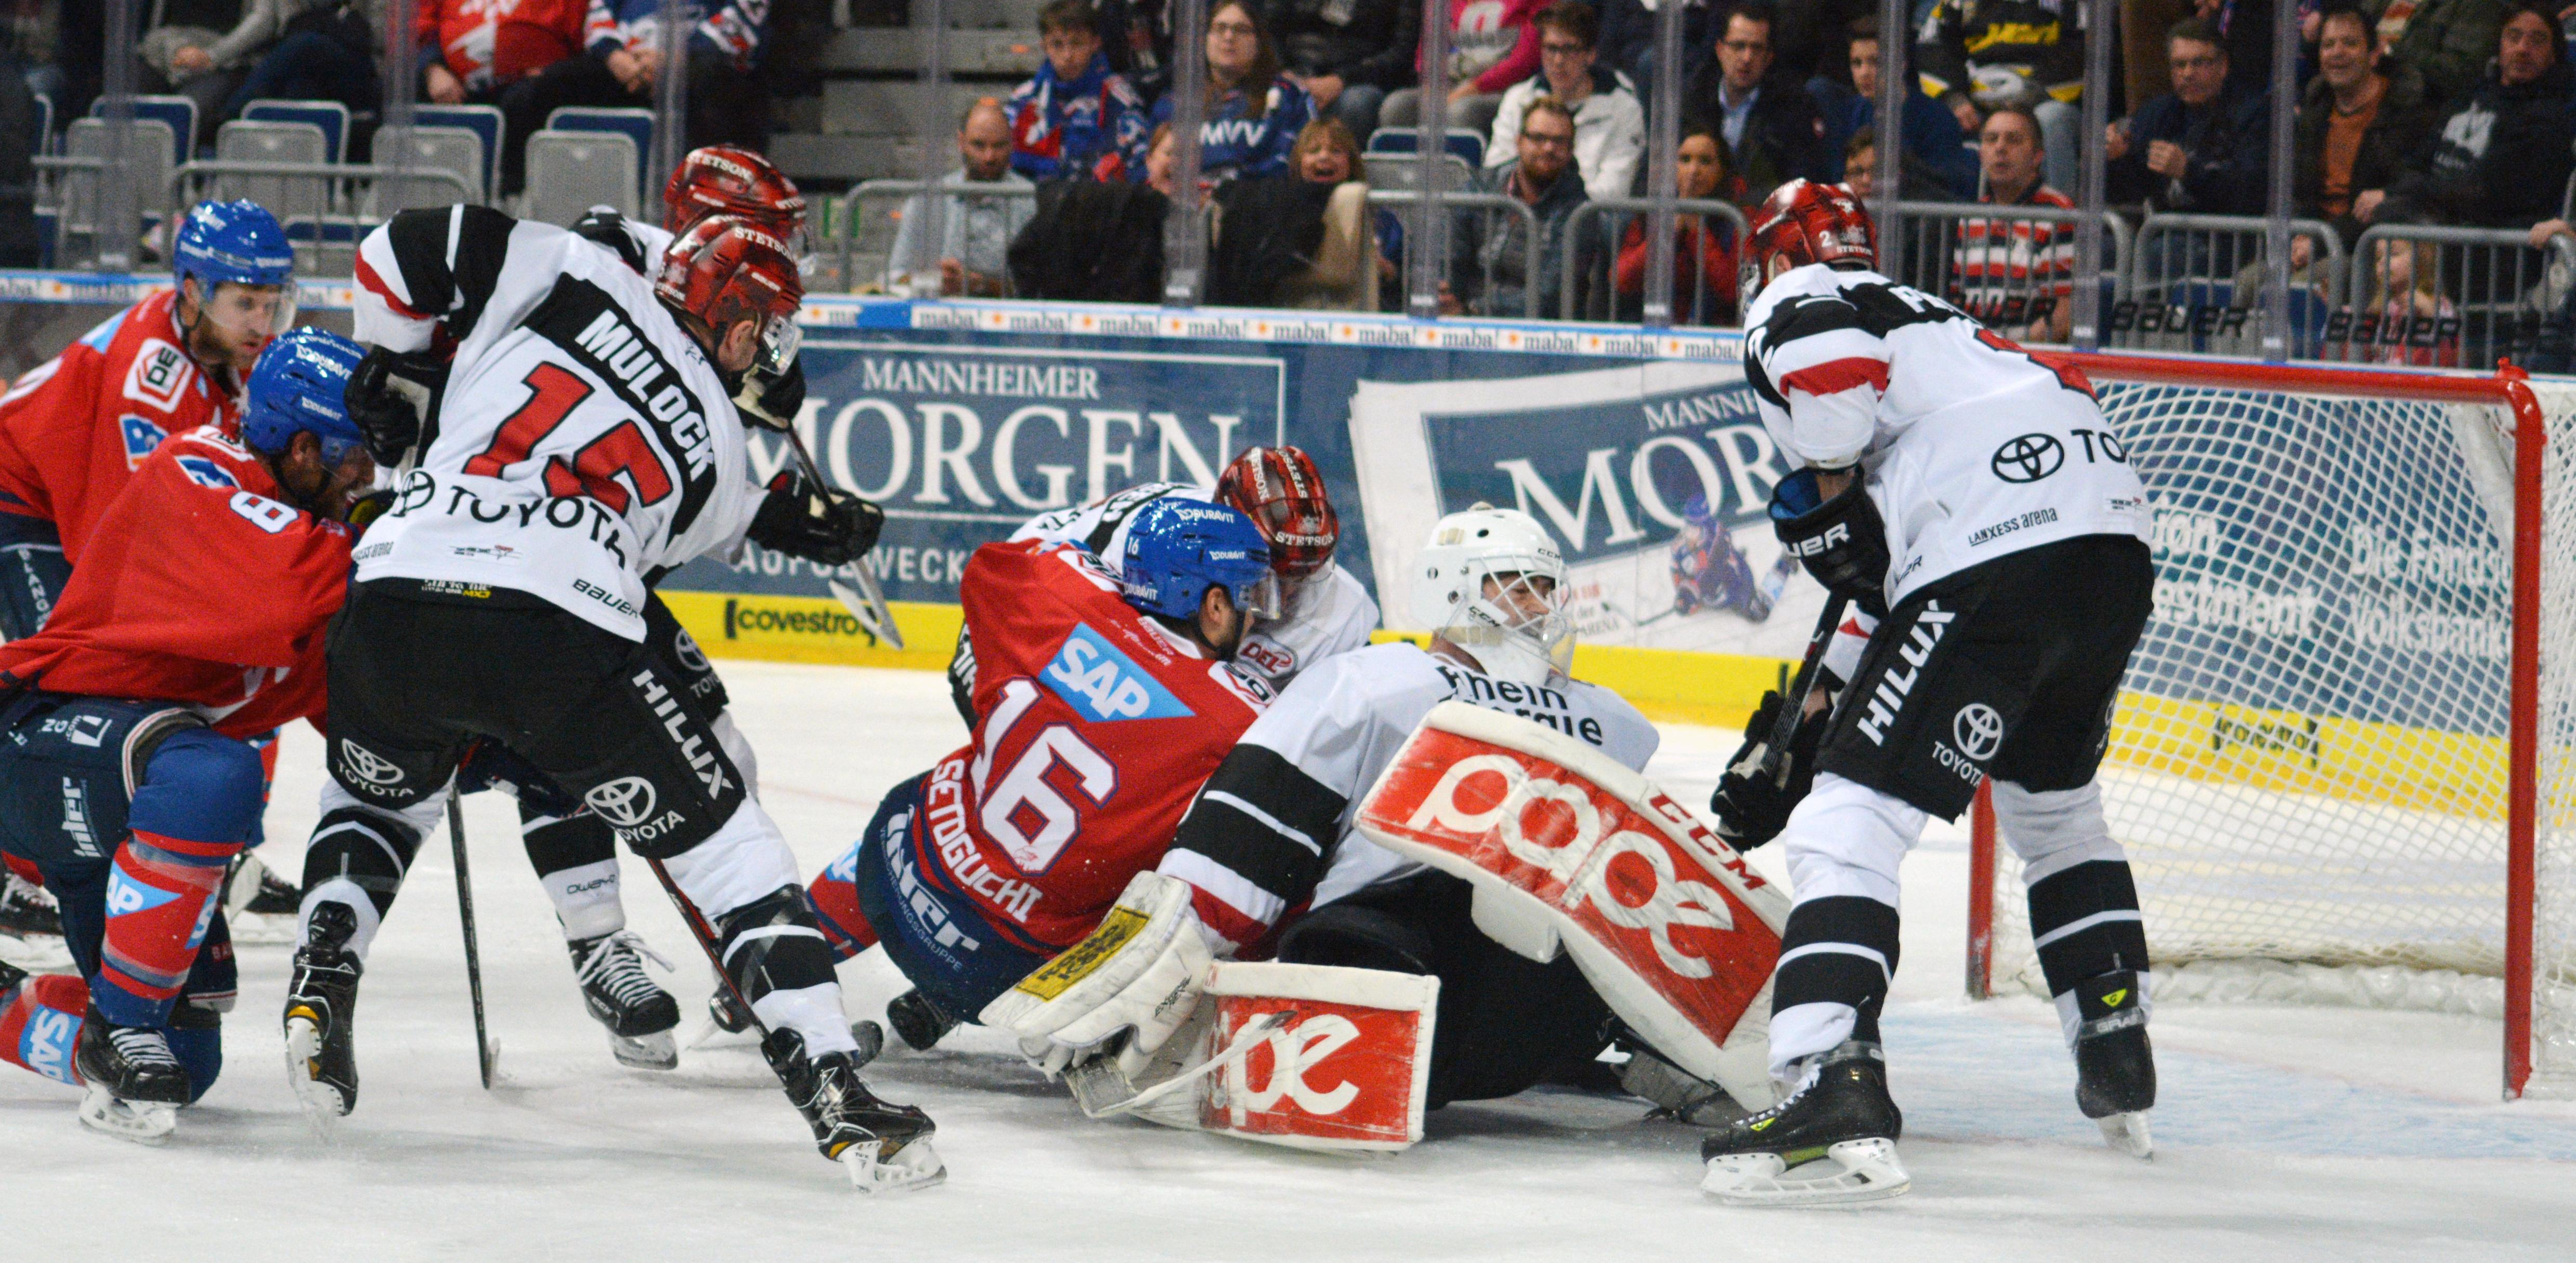 Die Partie zwischen den Erzrivalen aus Mannheim (rote Trikots) und Köln war auch am Freitag hart umkämpfte. Foto: Gernot Kirch